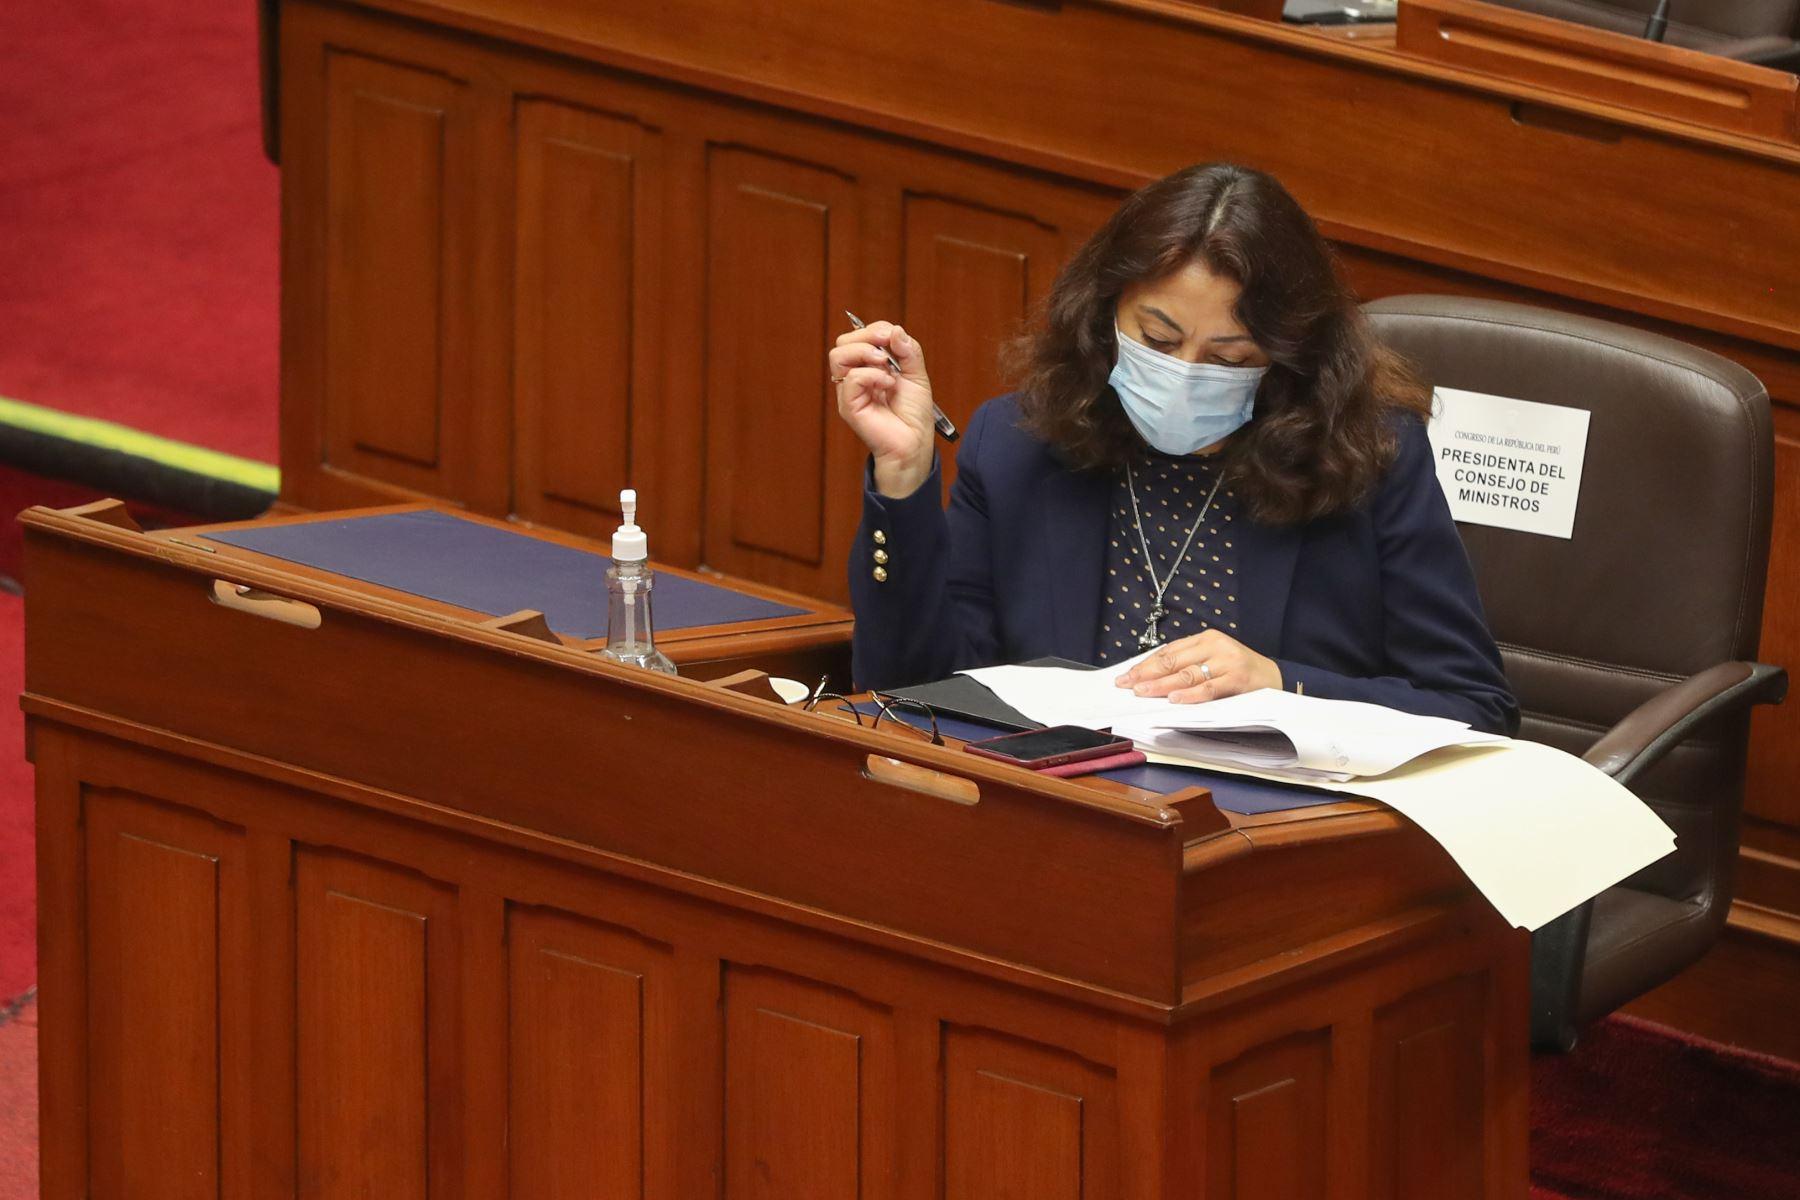 La presidenta del Consejo de Ministros, Violeta Bermúdez asiste al Congreso para participar en el debate por los proyectos de Ley de Presupuesto, de Endeudamiento y de Equilibrio Financiero del Sector Público para el año fiscal 2021. Foto: PCM